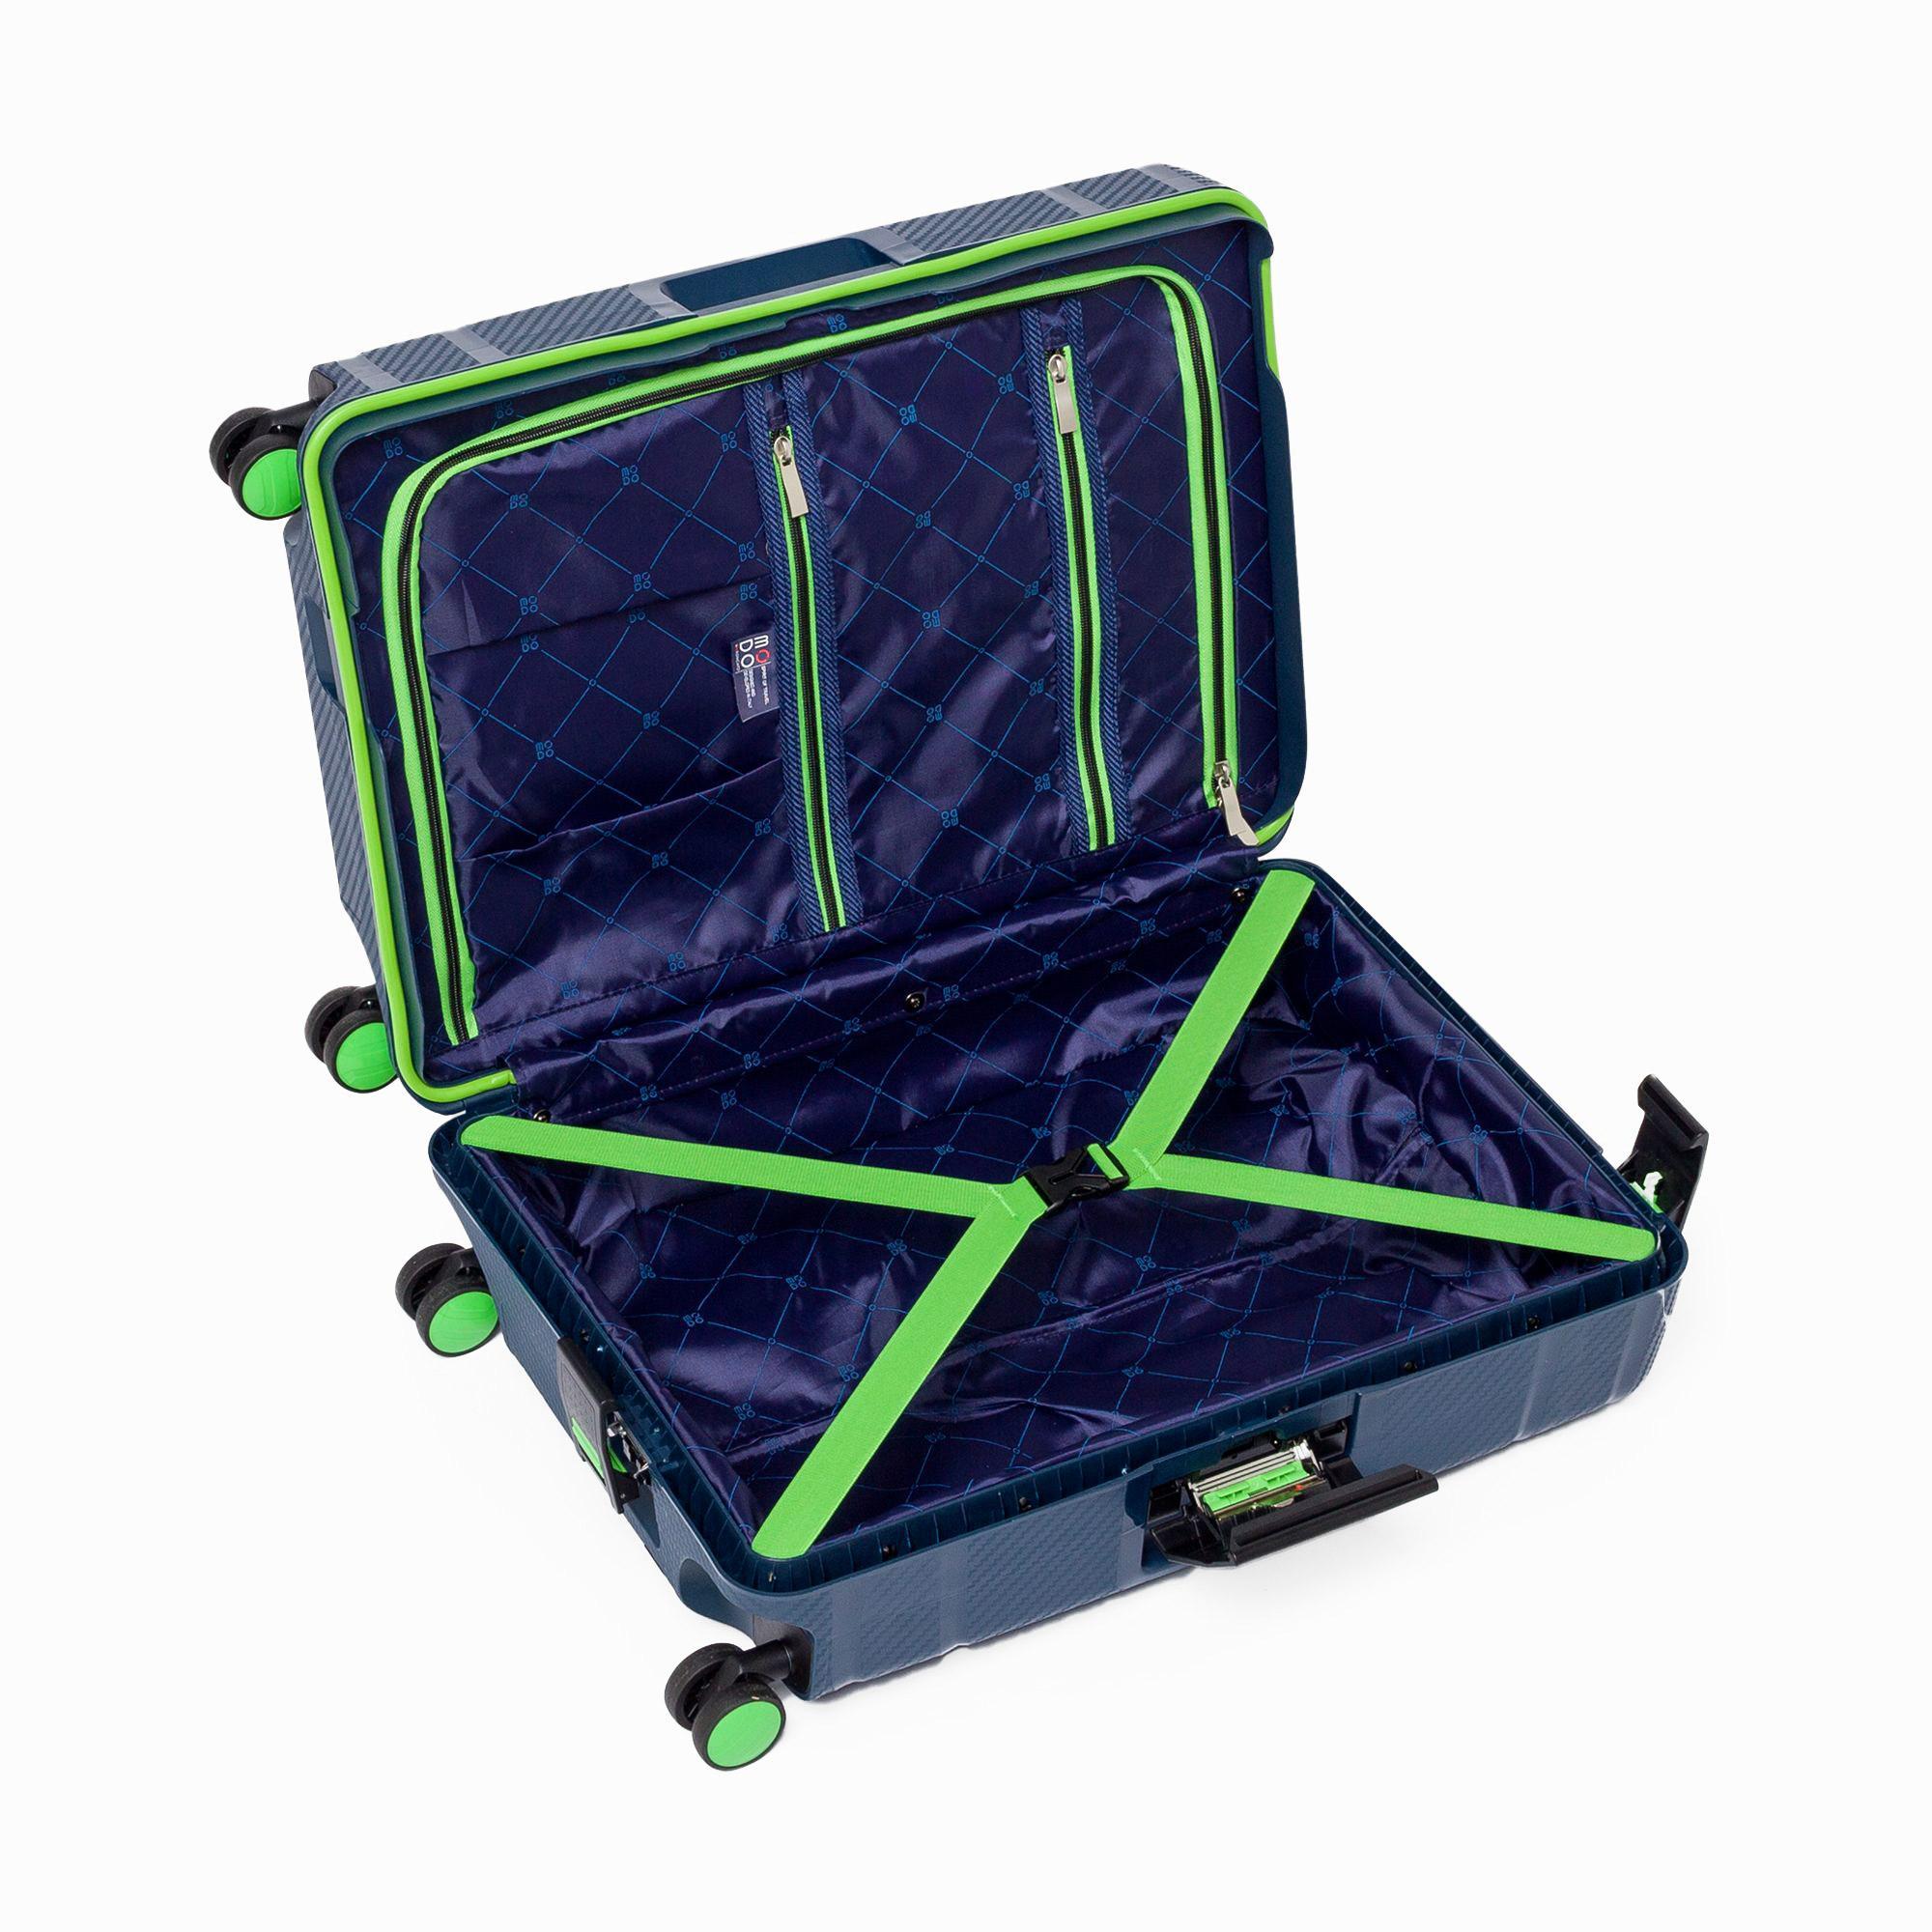 Cabin Luggage  DARK BLUE Modo by Roncato